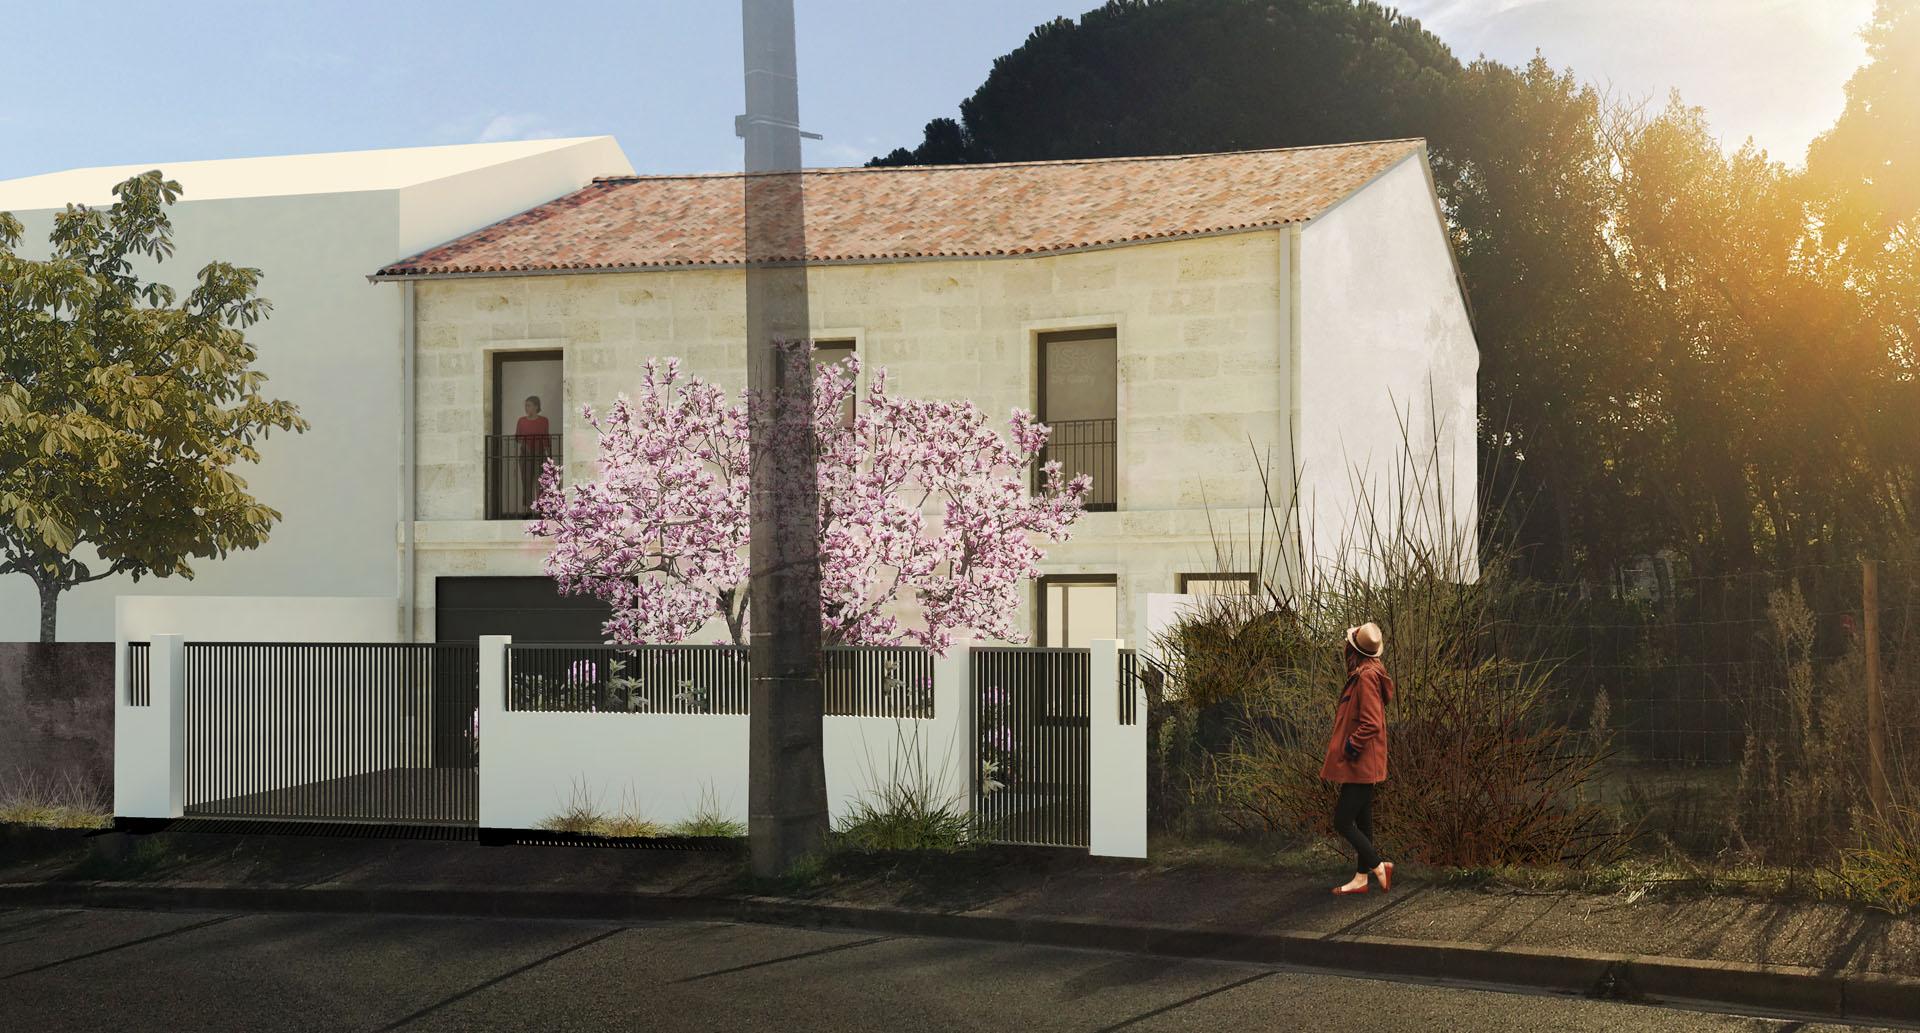 projet de construction d 39 une maison familiale de 4 chambres talence 33 architectes bordeaux. Black Bedroom Furniture Sets. Home Design Ideas